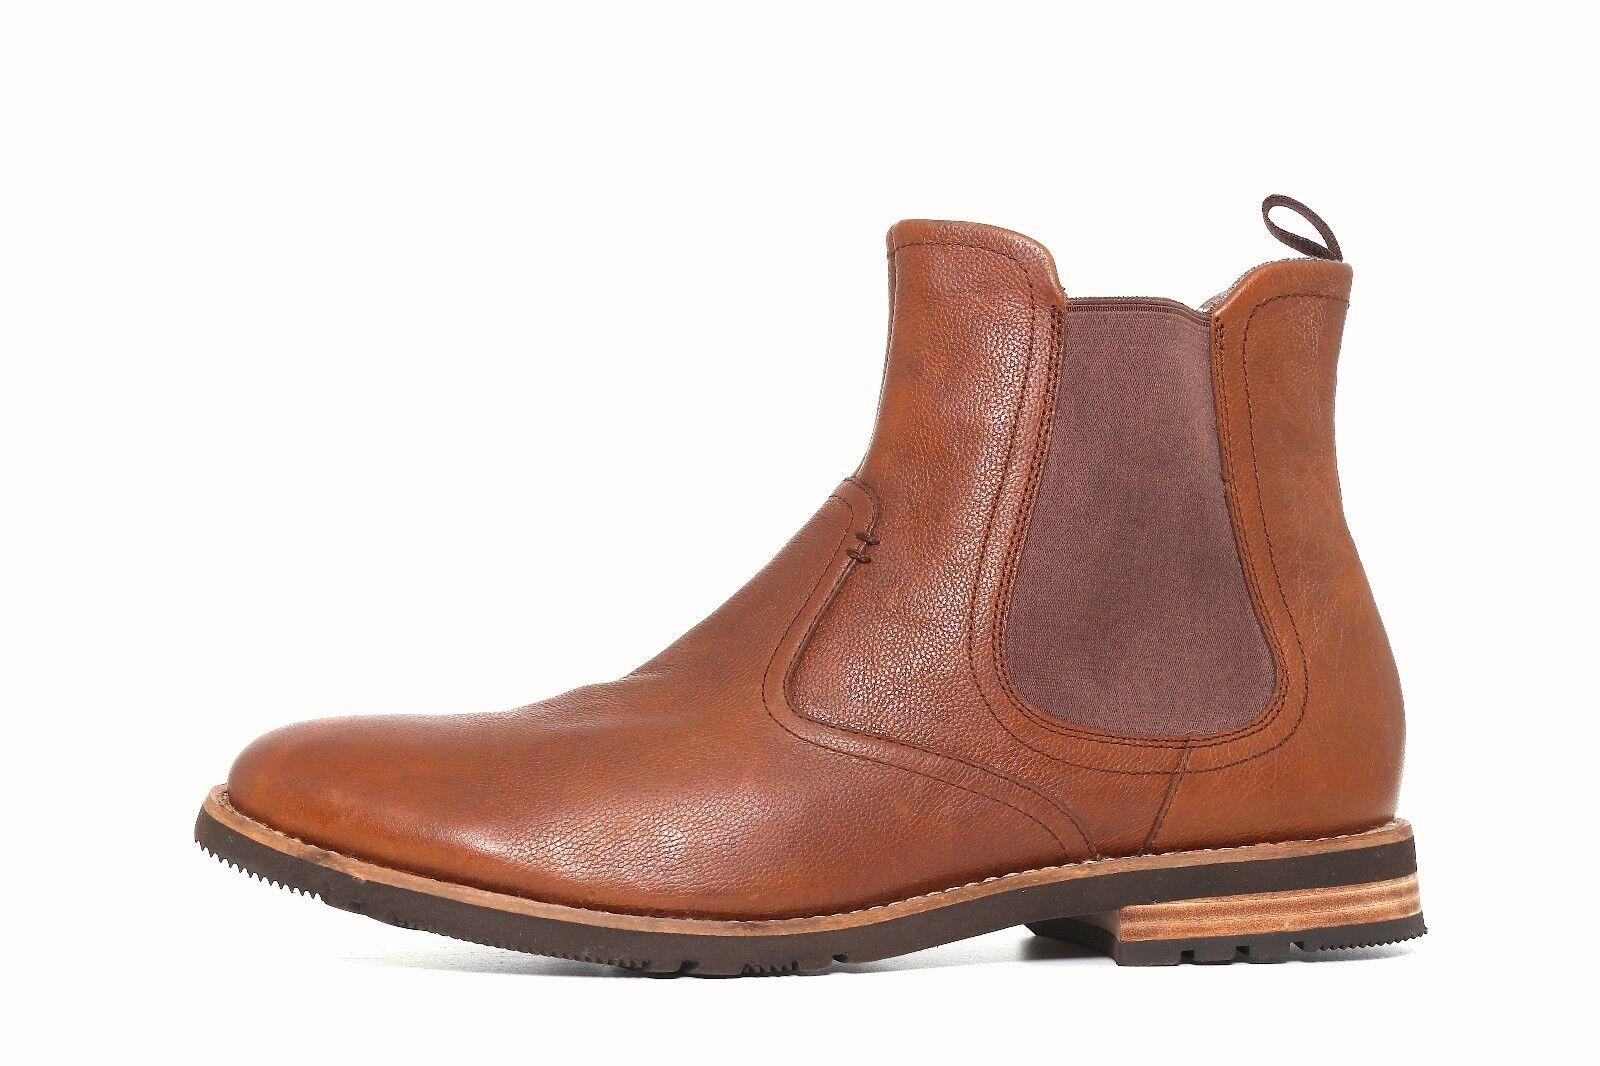 Rockport Brown Pelle Uomo  Chelsea Boot Size 11M   Uomo 3361 d1e2e1